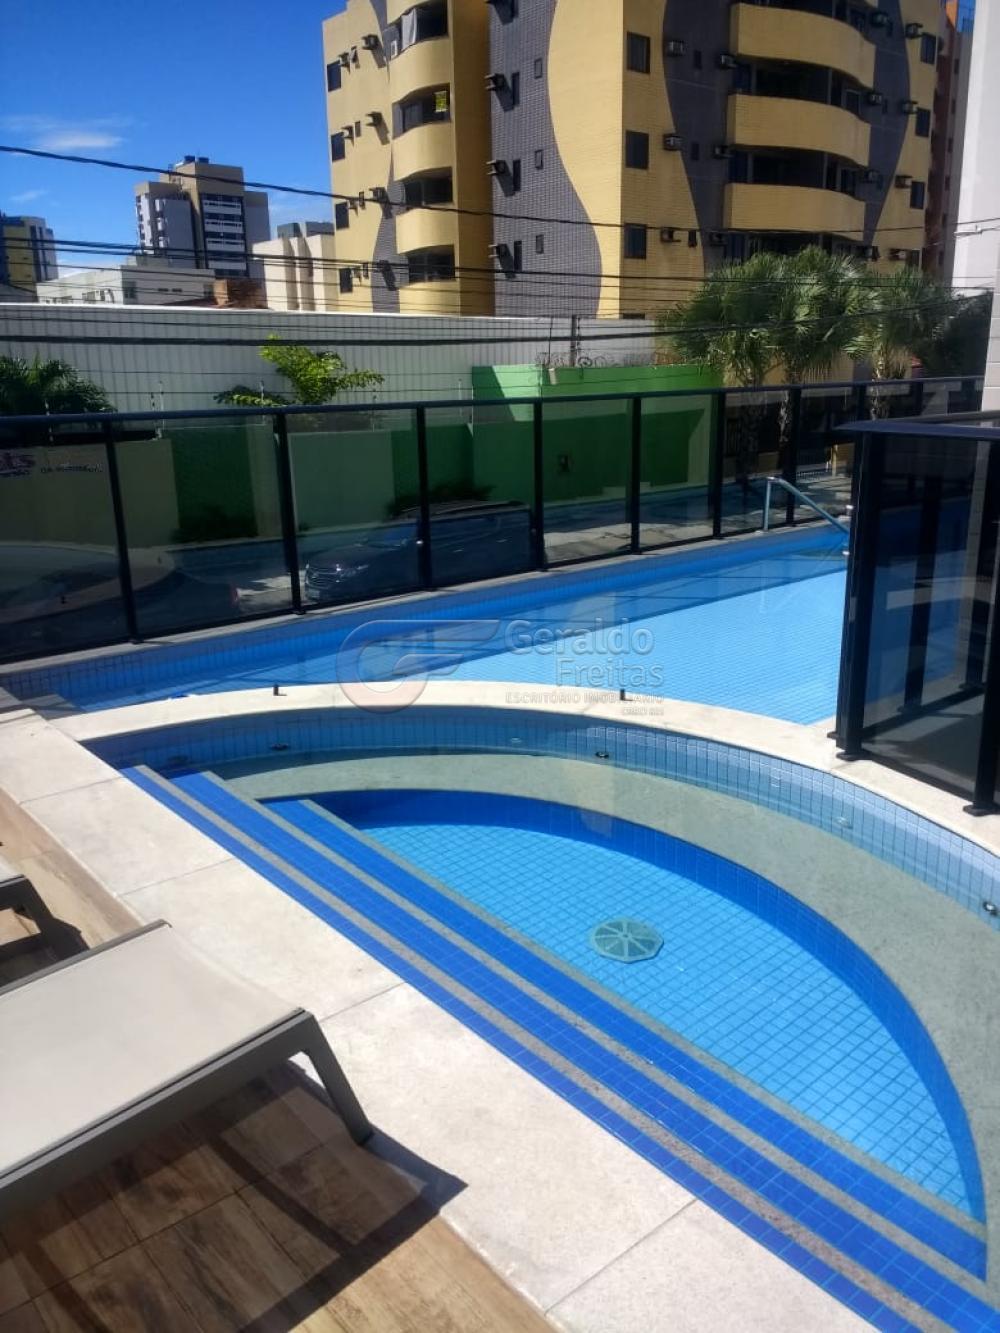 Comprar Apartamentos / Padrão em Maceió apenas R$ 770.000,00 - Foto 5